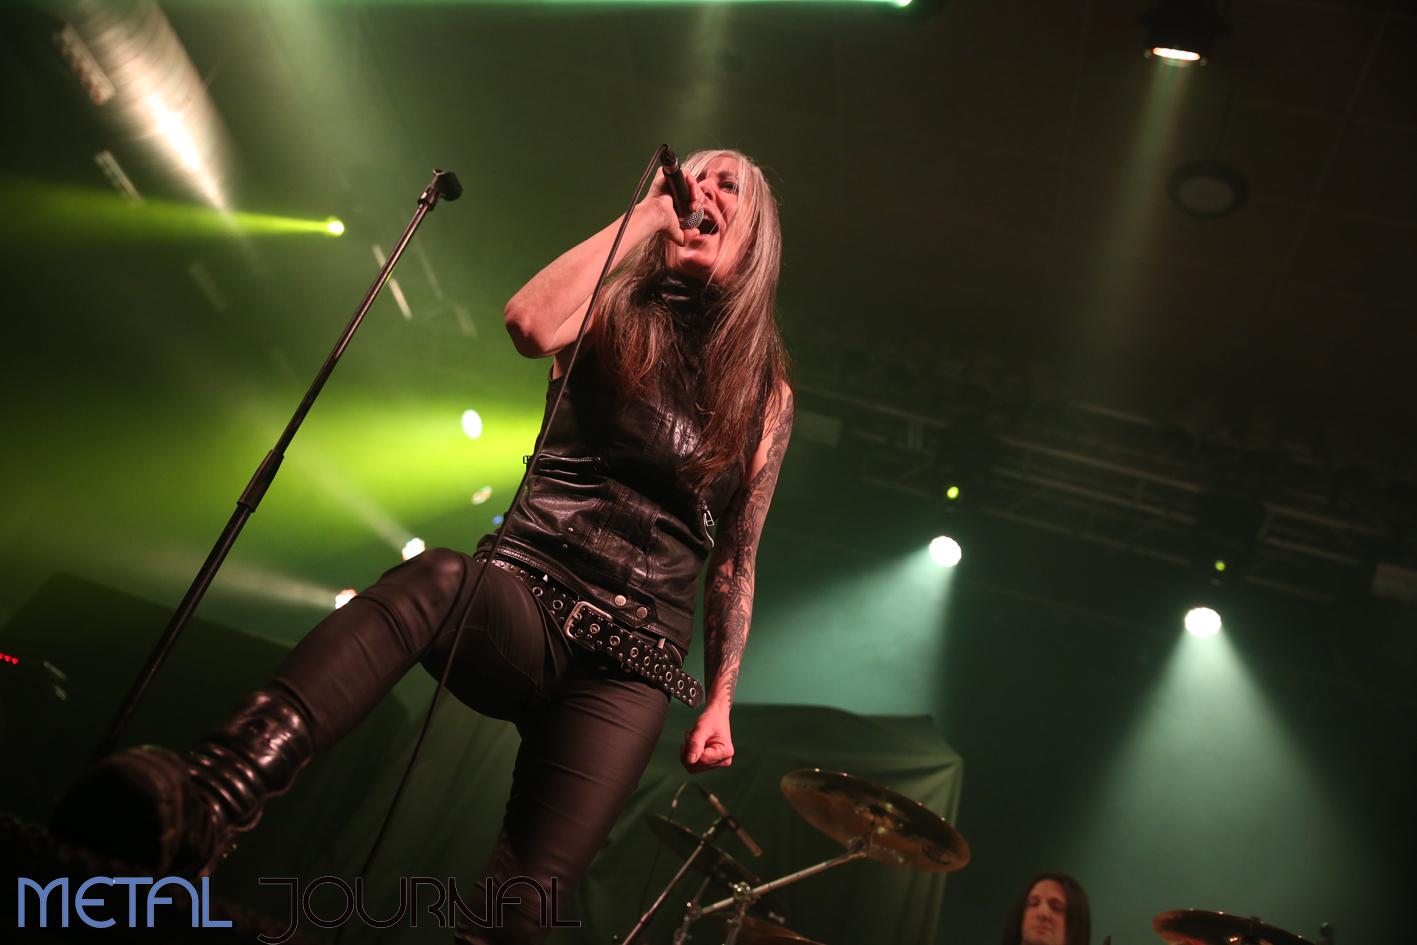 alma culter - metal journal 2019 pic 5